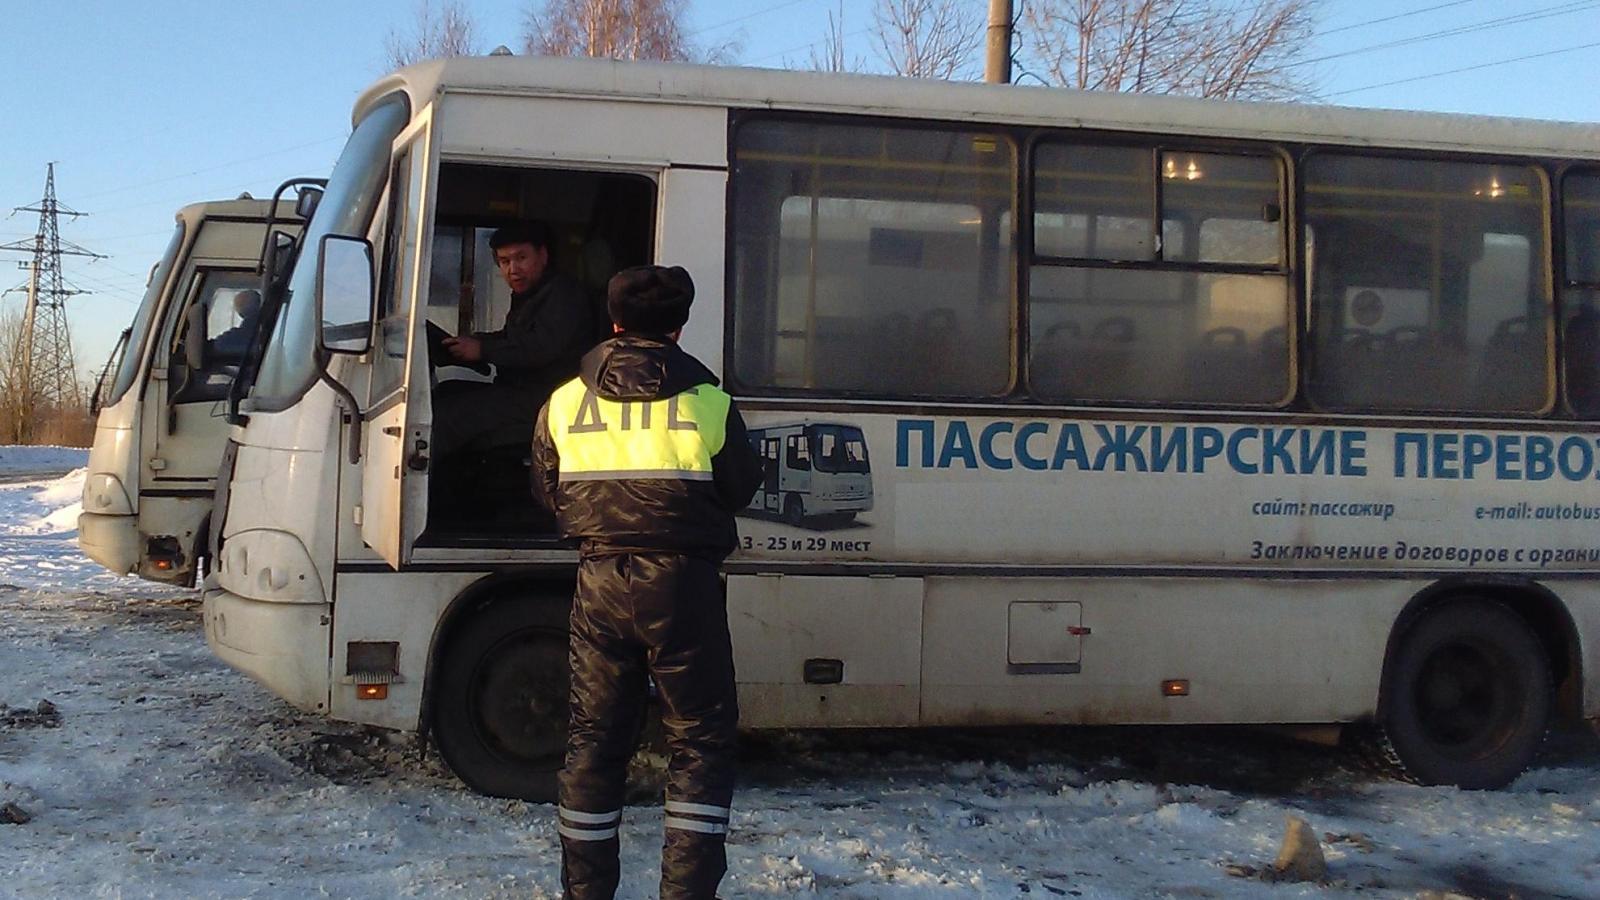 Сотрудники ГИБДД проверяют общественный транспорт